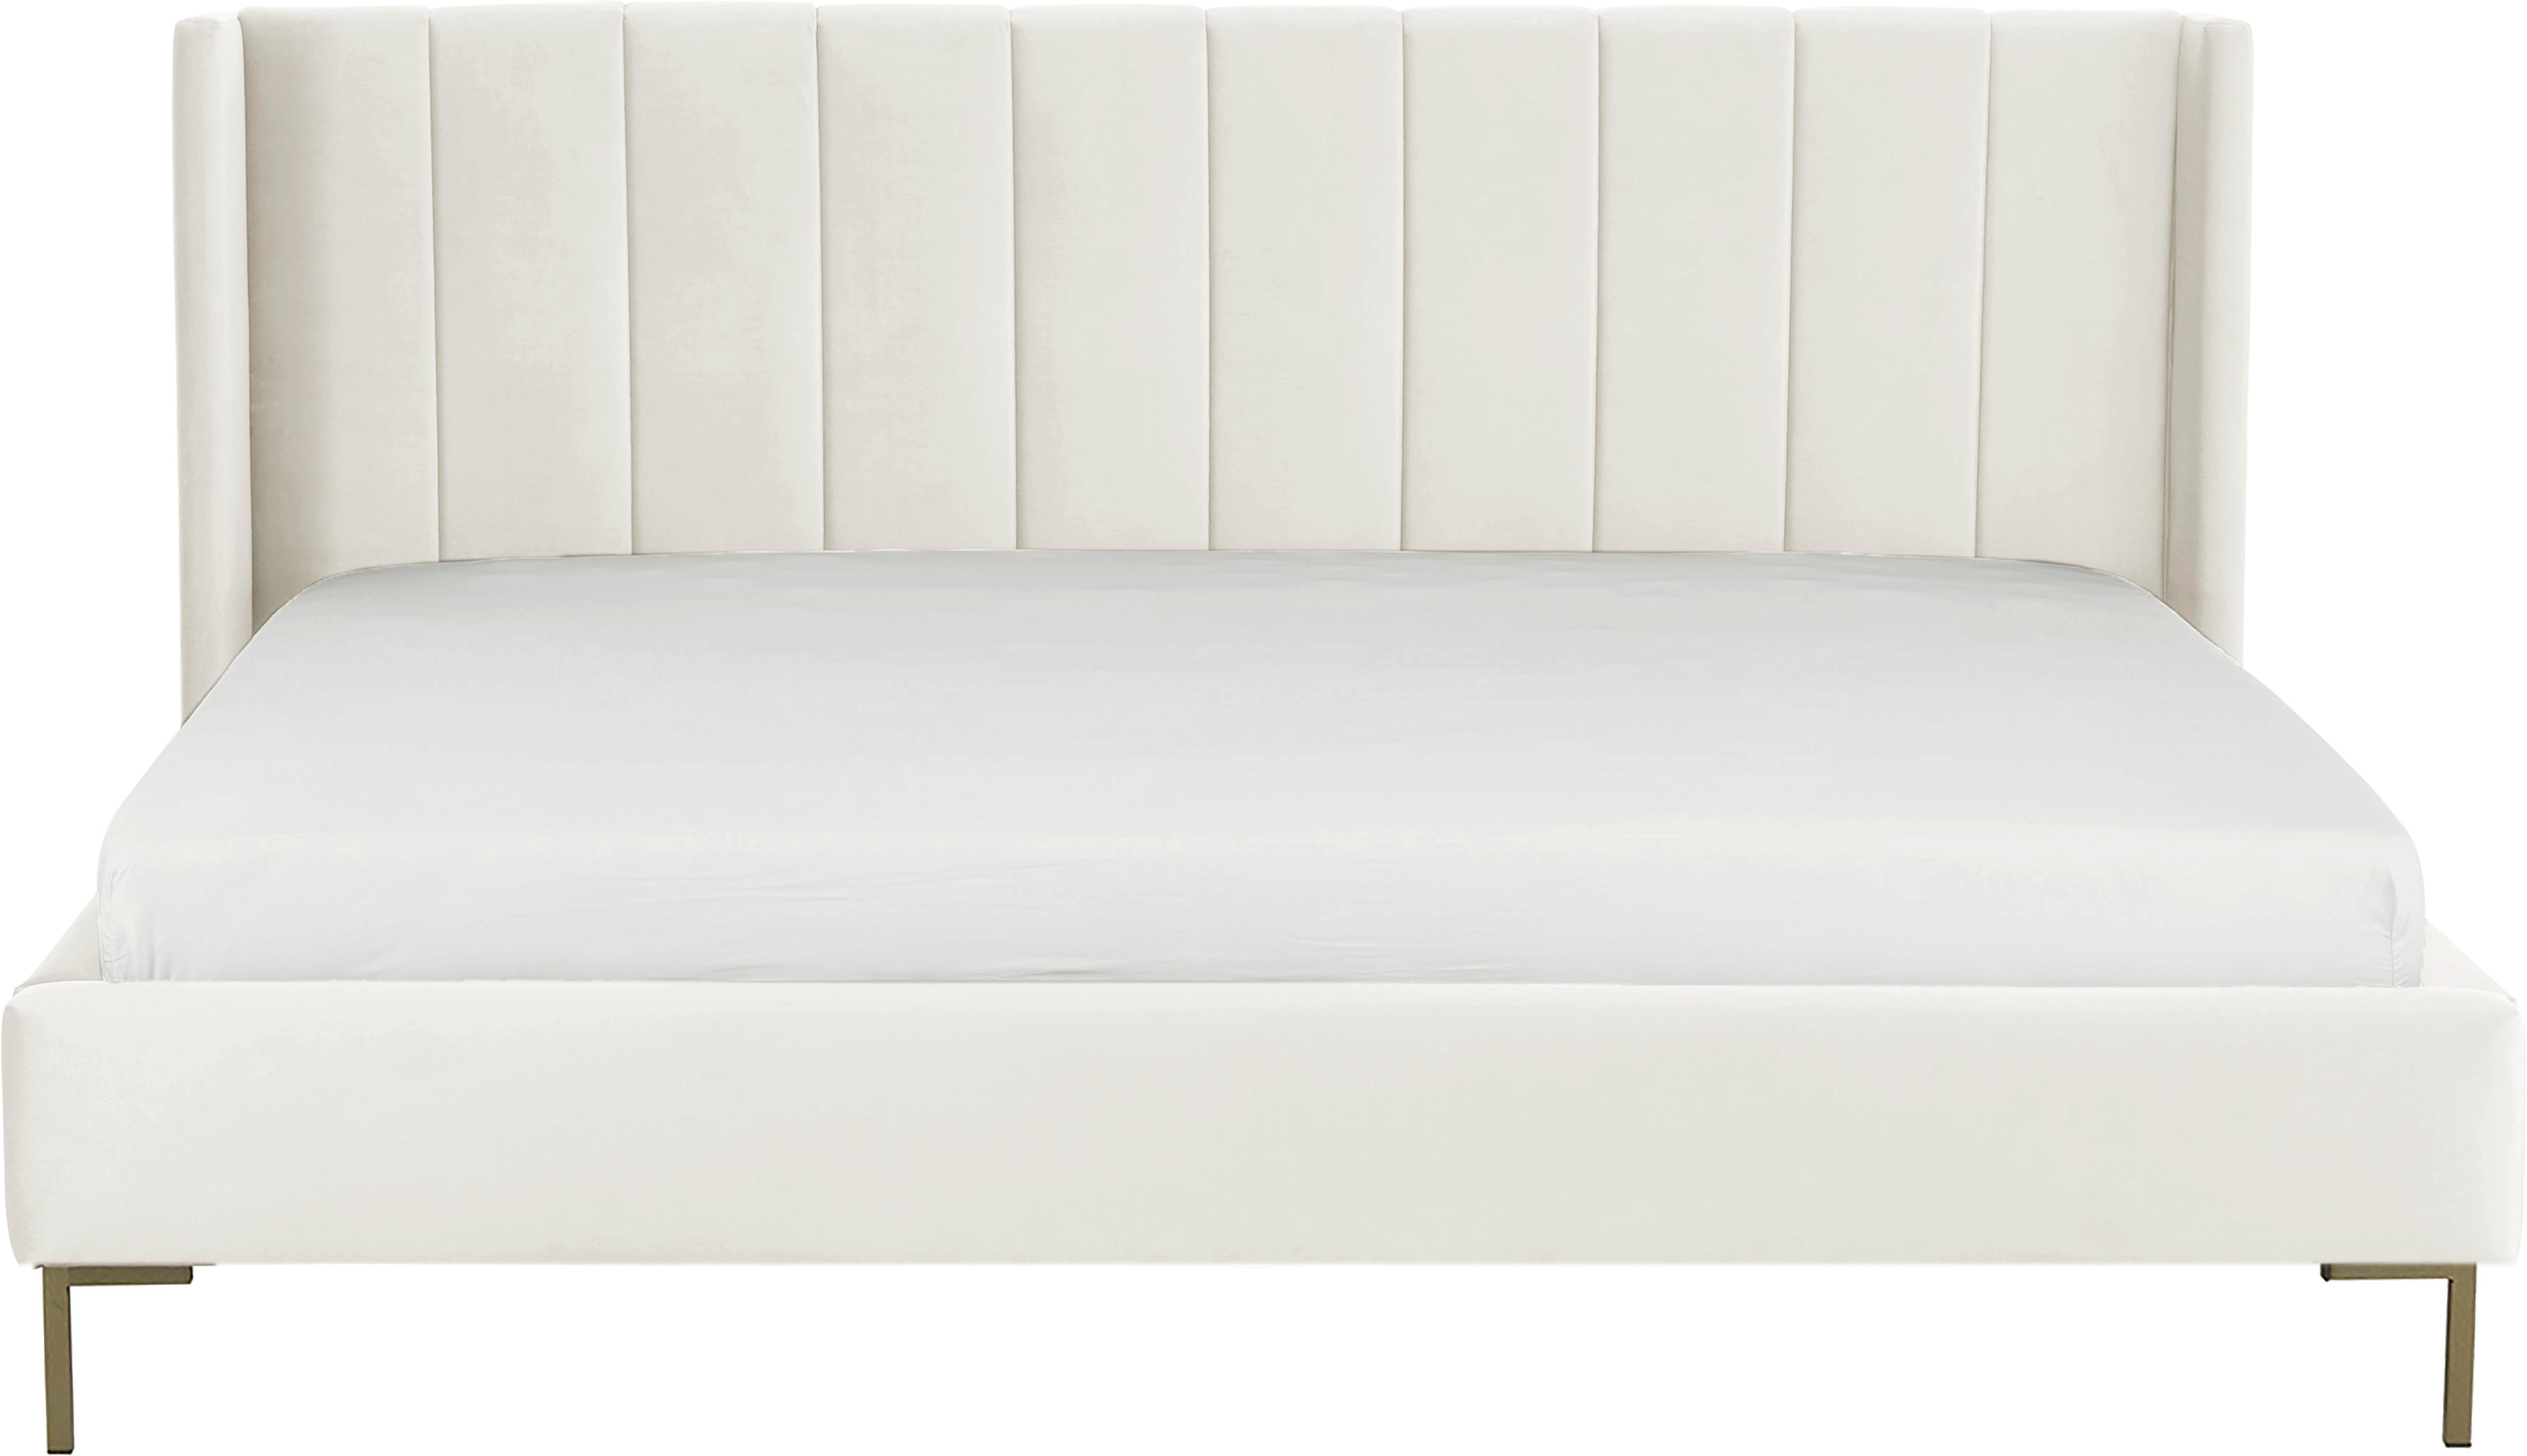 Letto matrimoniale imbottito in velluto Dusk, Piedini: metallo verniciato a polv, Rivestimento: velluto di poliestere 30., Beige, Larg. 180 x Lung. 200 cm